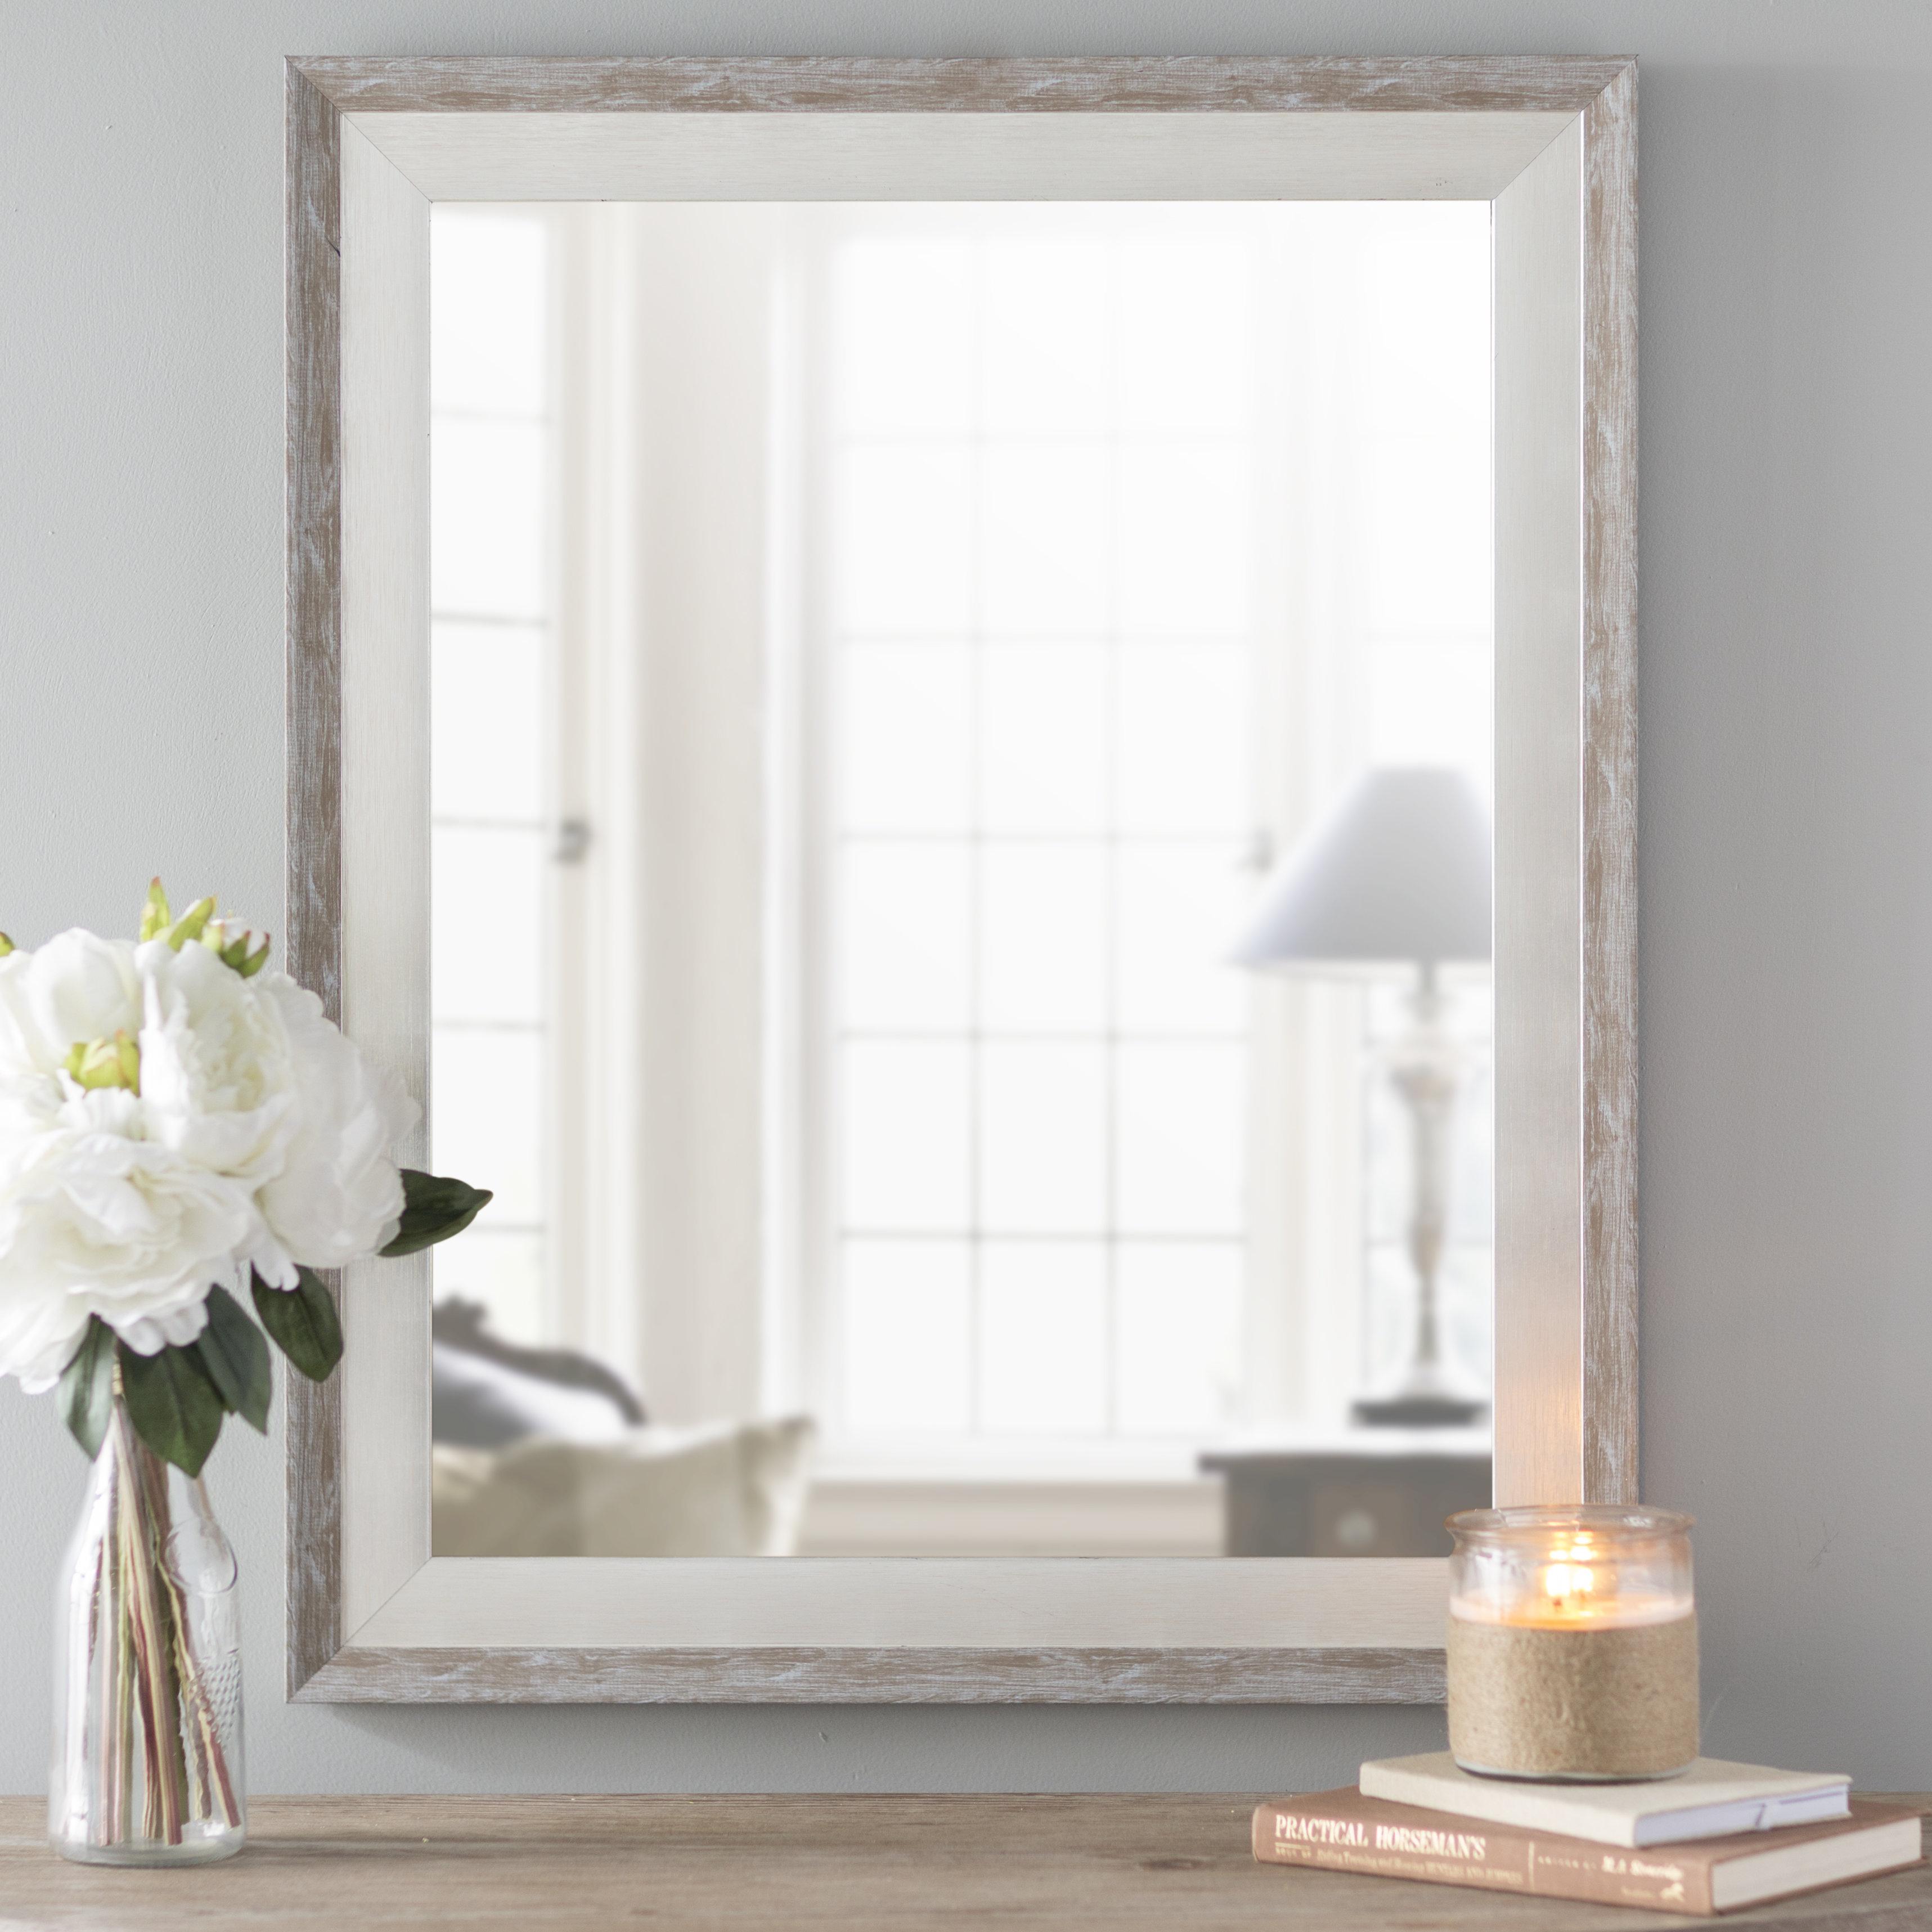 Epinal Shabby Elegance Wall Mirror With Regard To Epinal Shabby Elegance Wall Mirrors (View 2 of 20)